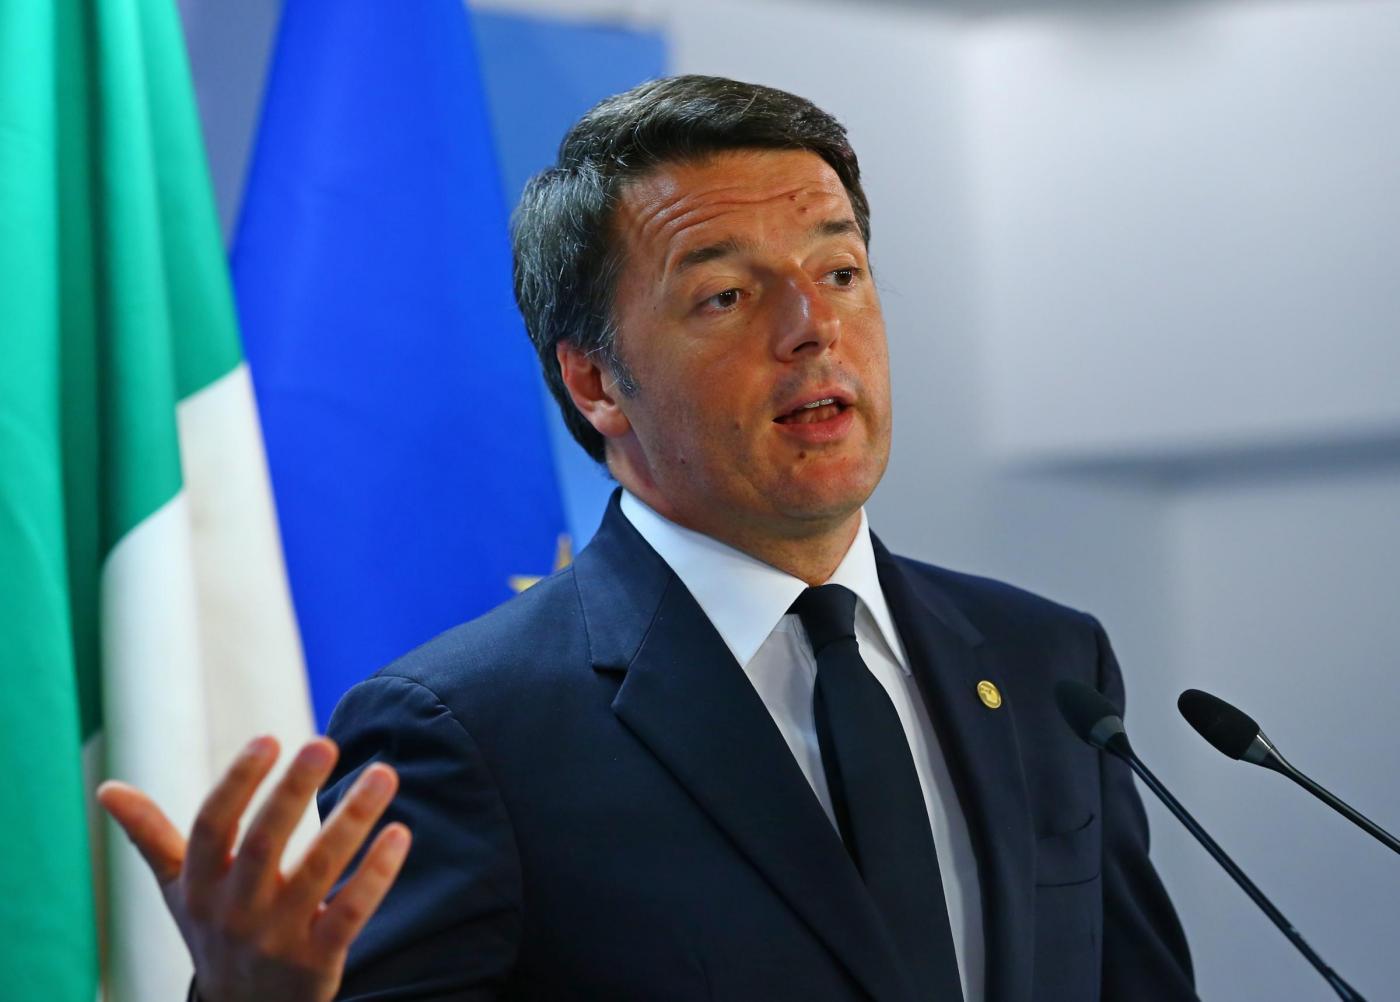 Conferenza di Renzi su risultati del referendum costituzionale